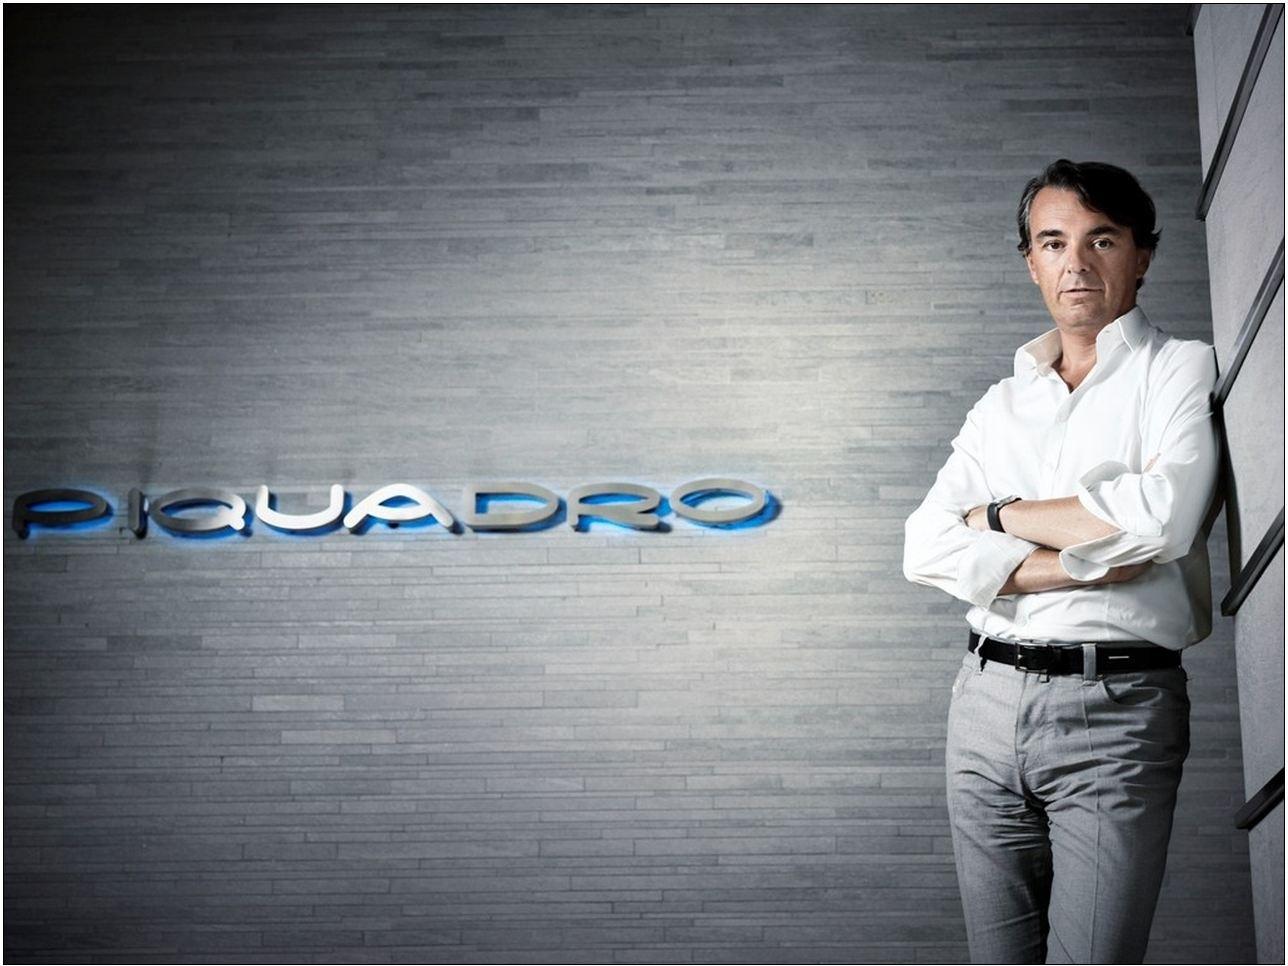 Marco Palmieri CEO di Piquadro